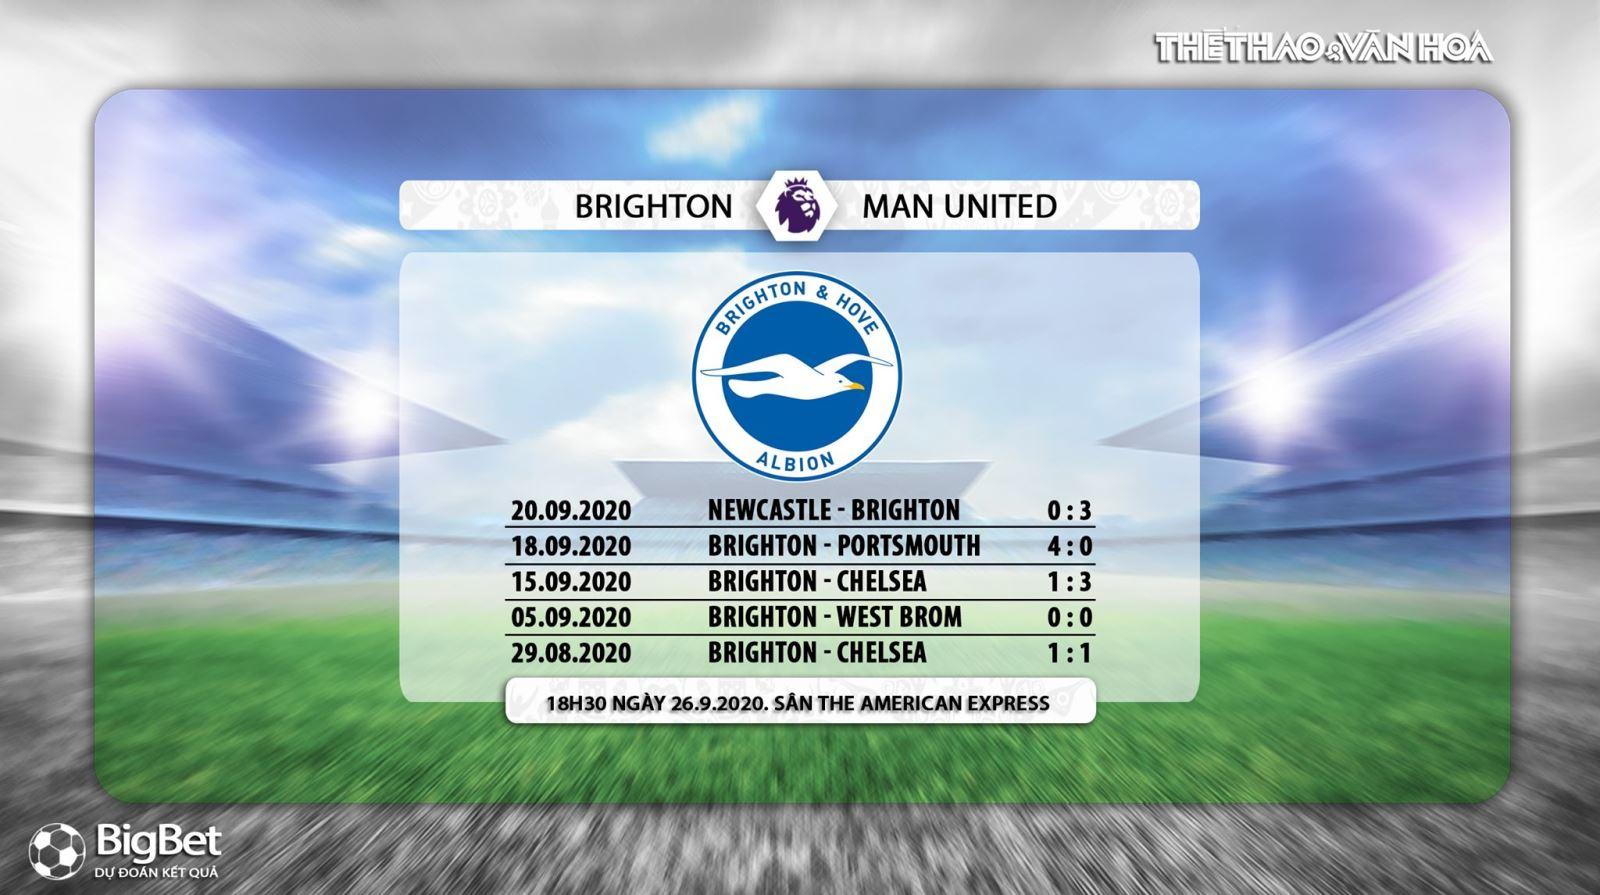 Soi kèo Brighton vs MU, nhận định Brighton vs MU, MU, Brighton, soi kèo bóng đá, kèo thơm, kèo Brighton vs MU, Manchester United